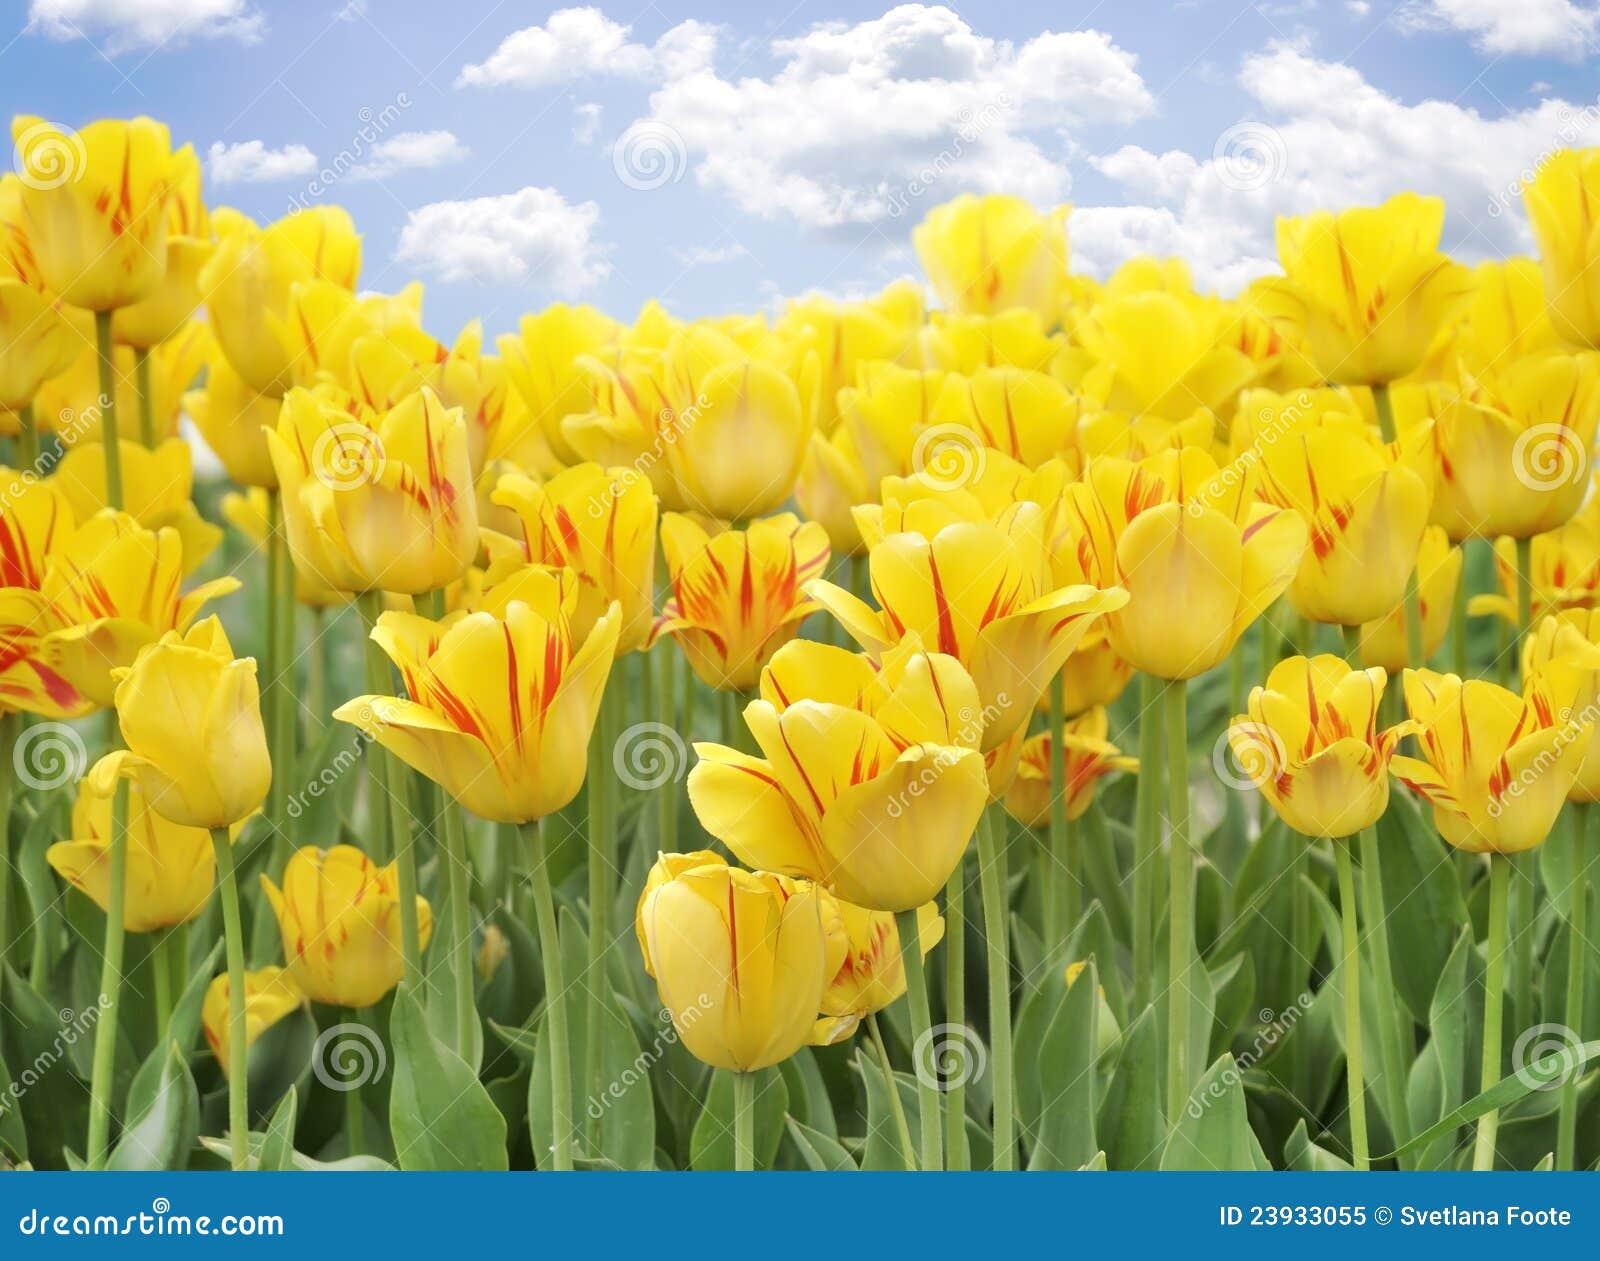 gelbe tulpen stockbild bild von gelb gr n betrieb 23933055. Black Bedroom Furniture Sets. Home Design Ideas